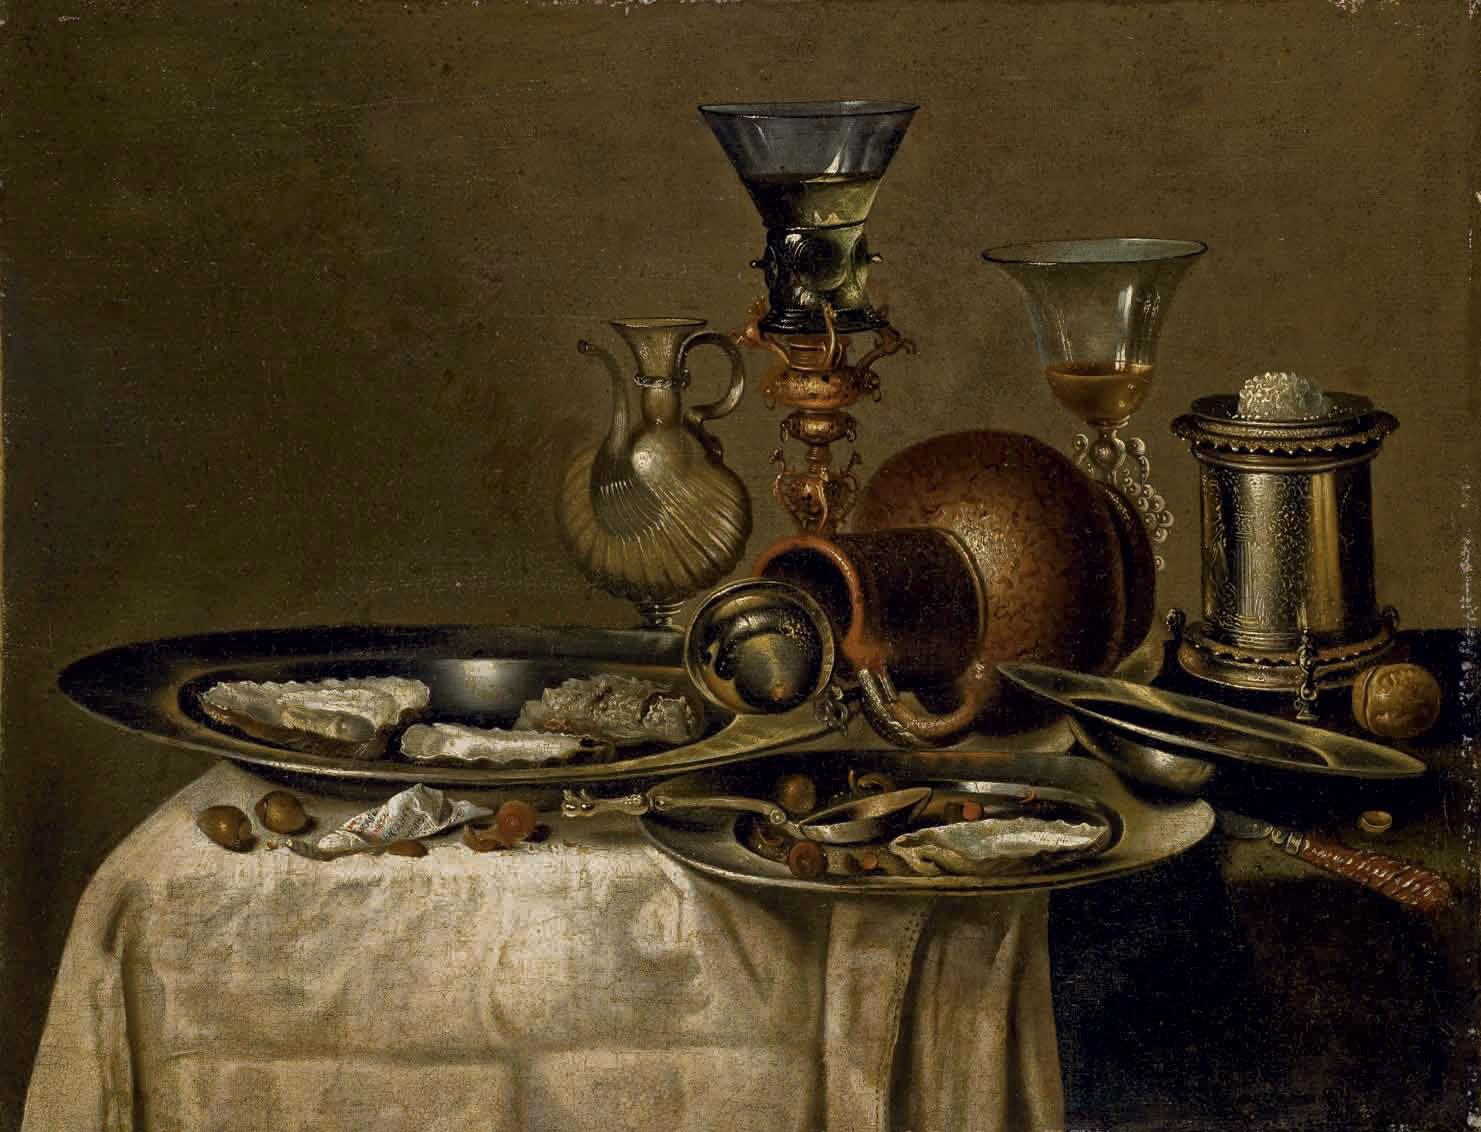 Roemer, huîtres et noisettes dans des plats en étain posés sur une table drapée d'une nappe blanche